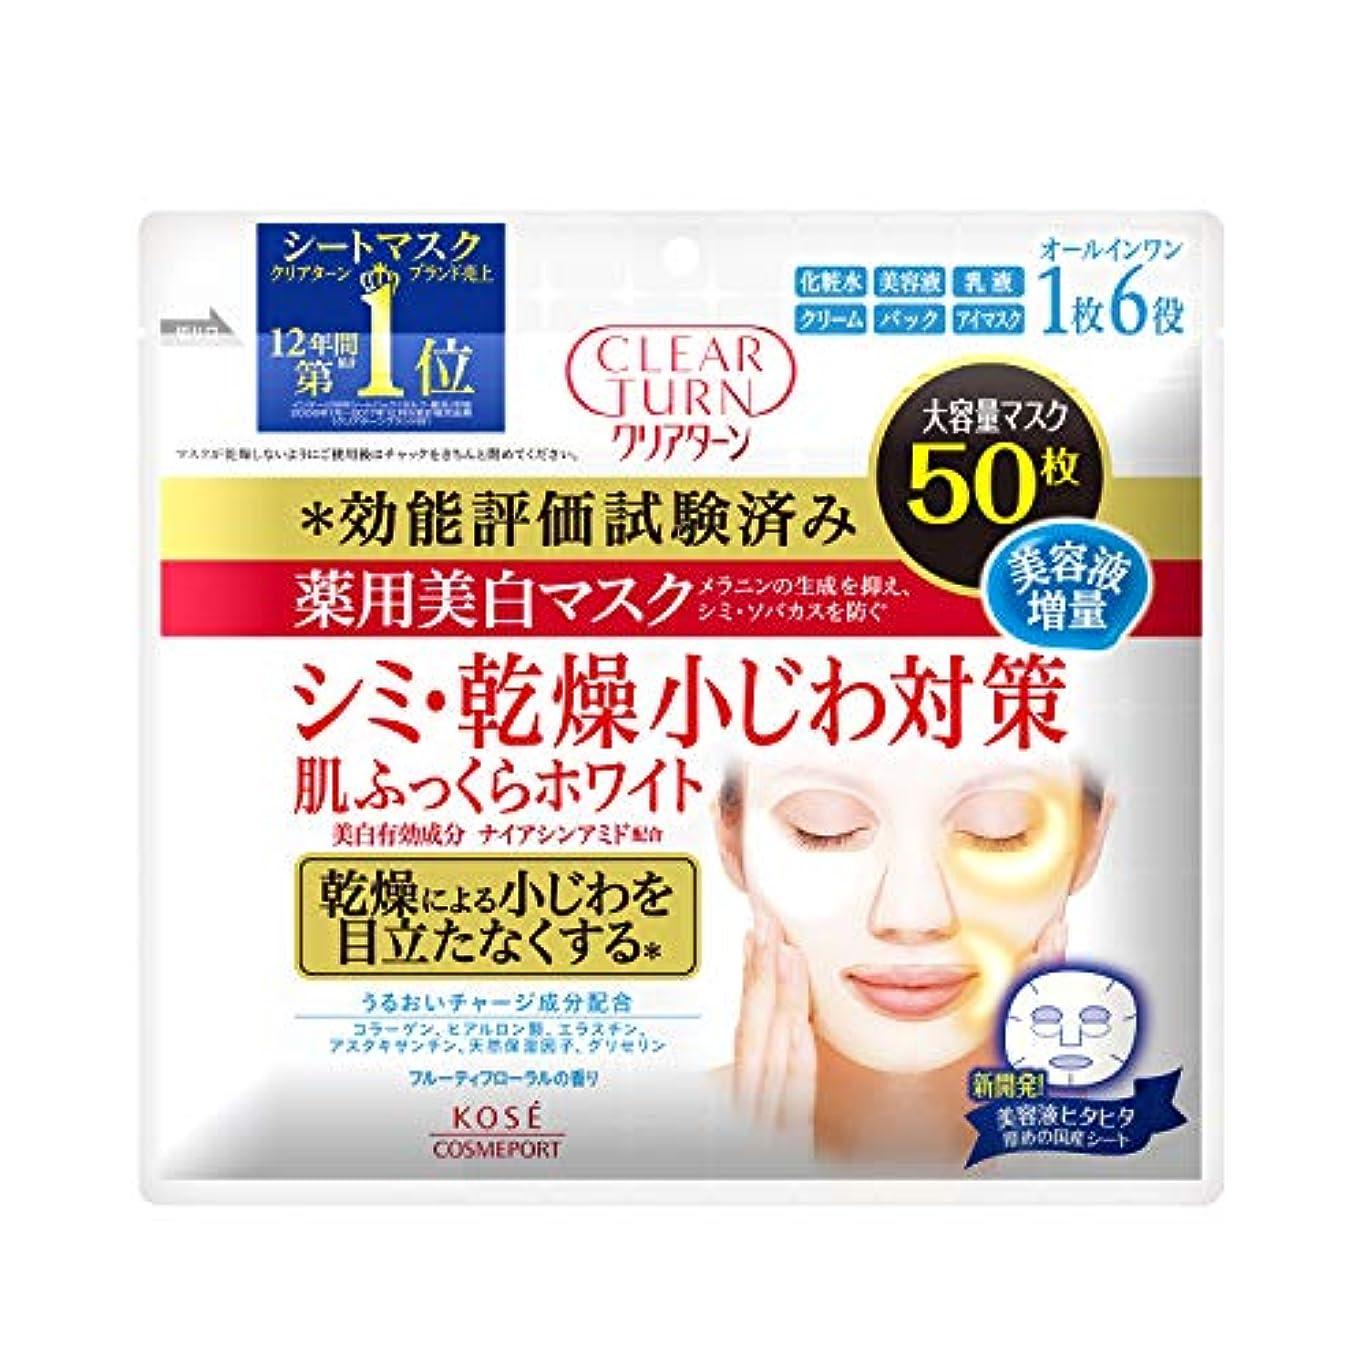 腐食するまたね一流KOSE コーセー クリアターン 薬用美白 肌ホワイト マスク 50枚 フェイスマスク (医薬部外品)